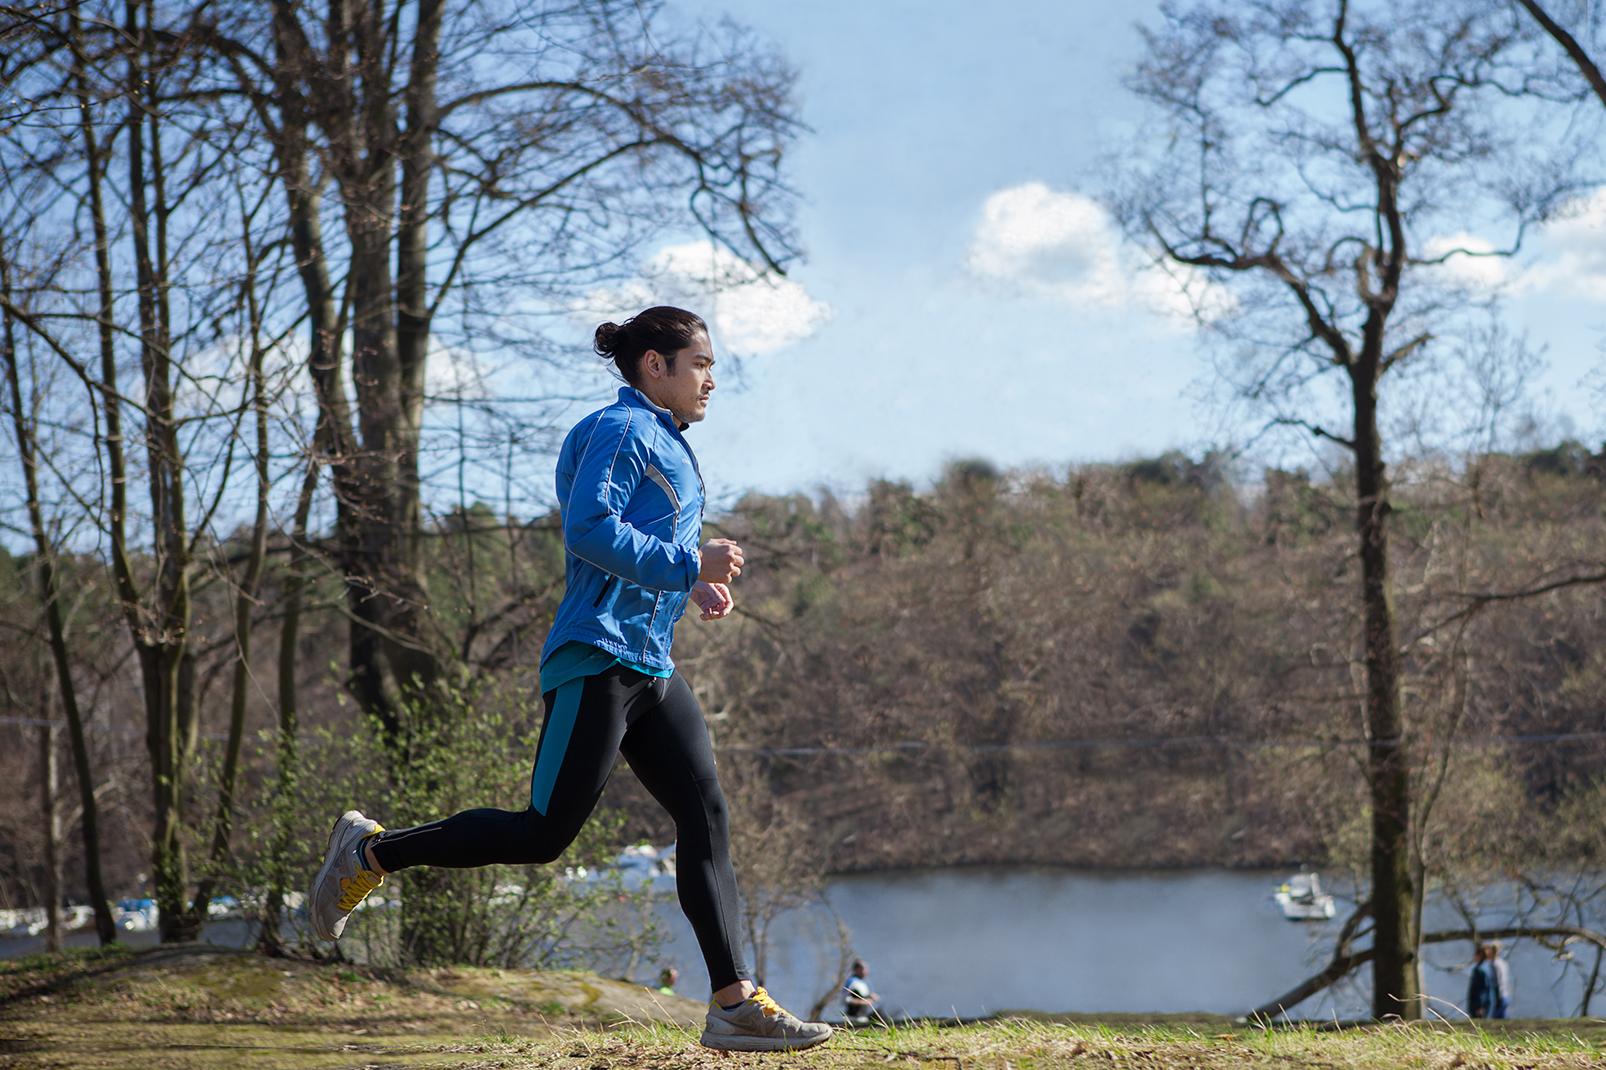 Vad händer i kroppen när man springer